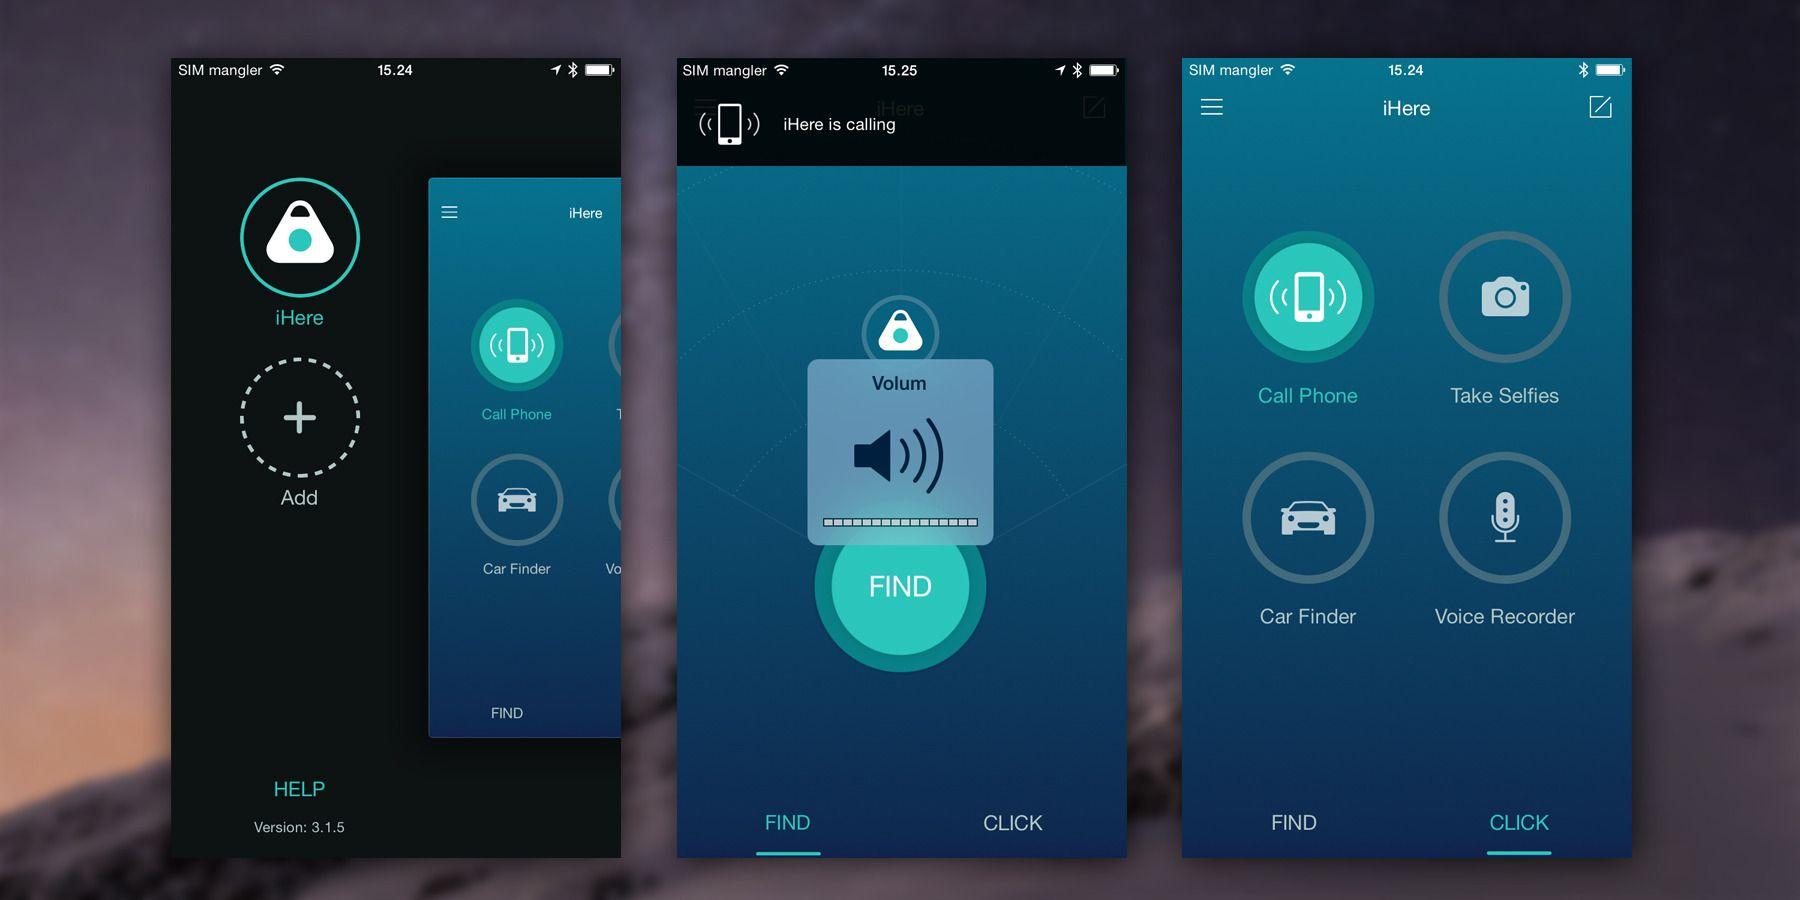 Slik ser startskjermene og sidemenyen (venstre) ut i iHere-appen til iOS. Bildet i mditen viser en leteaksjon etter mobilsom akkurat er startet. Da får du varsel om brikken ringer, og volumet tvinges opp til full pinne.